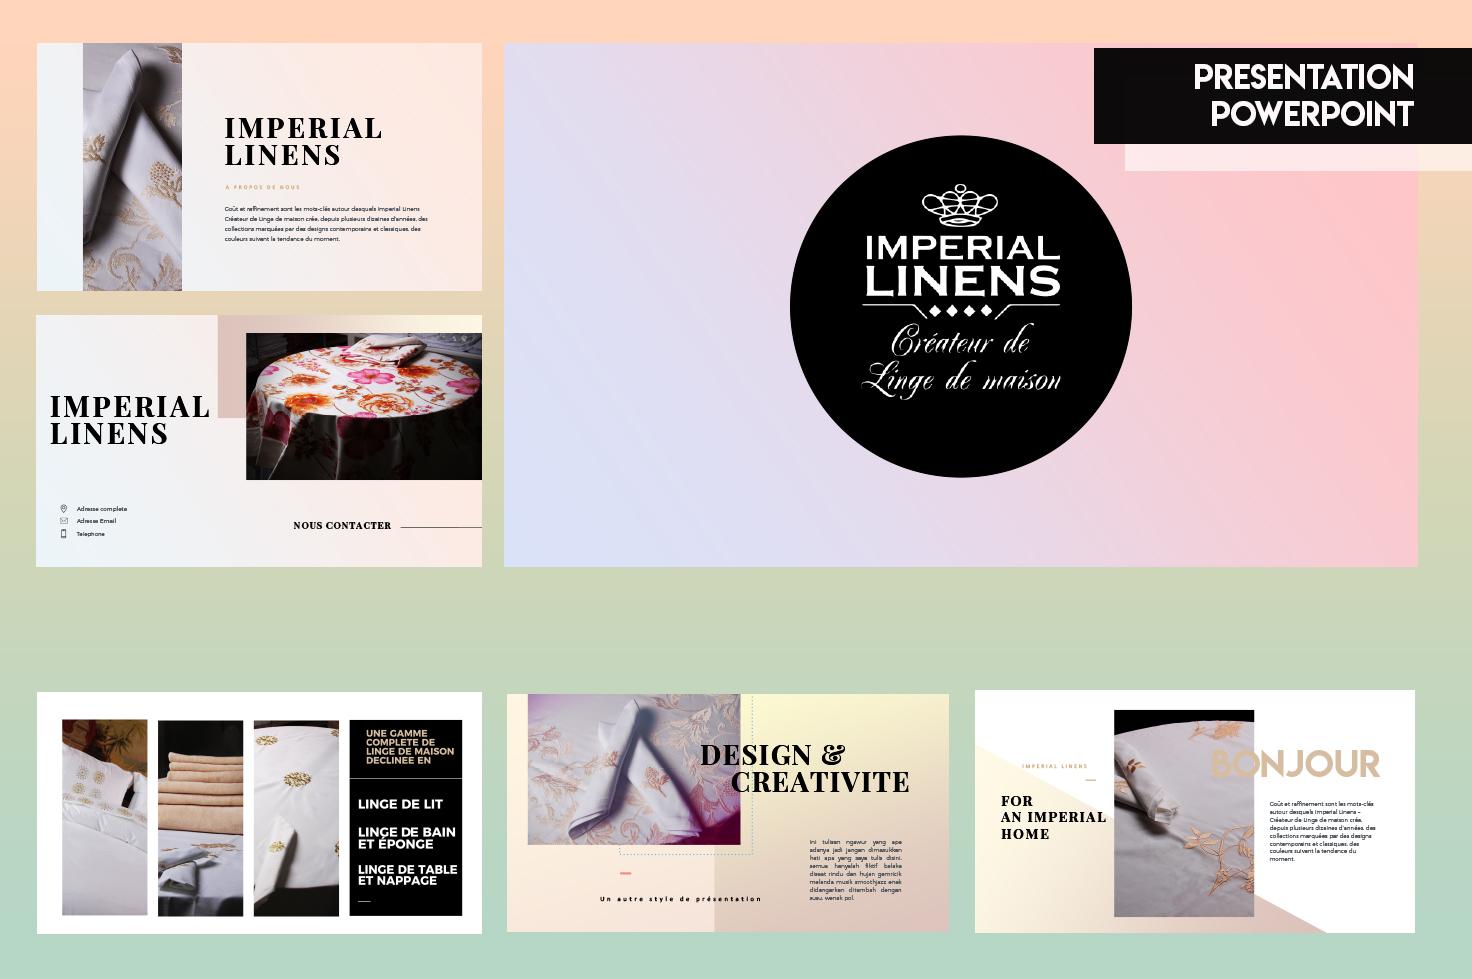 créateur contenu digital casablanca Imperial Linens – Réseaux sociaux project details 8 img1